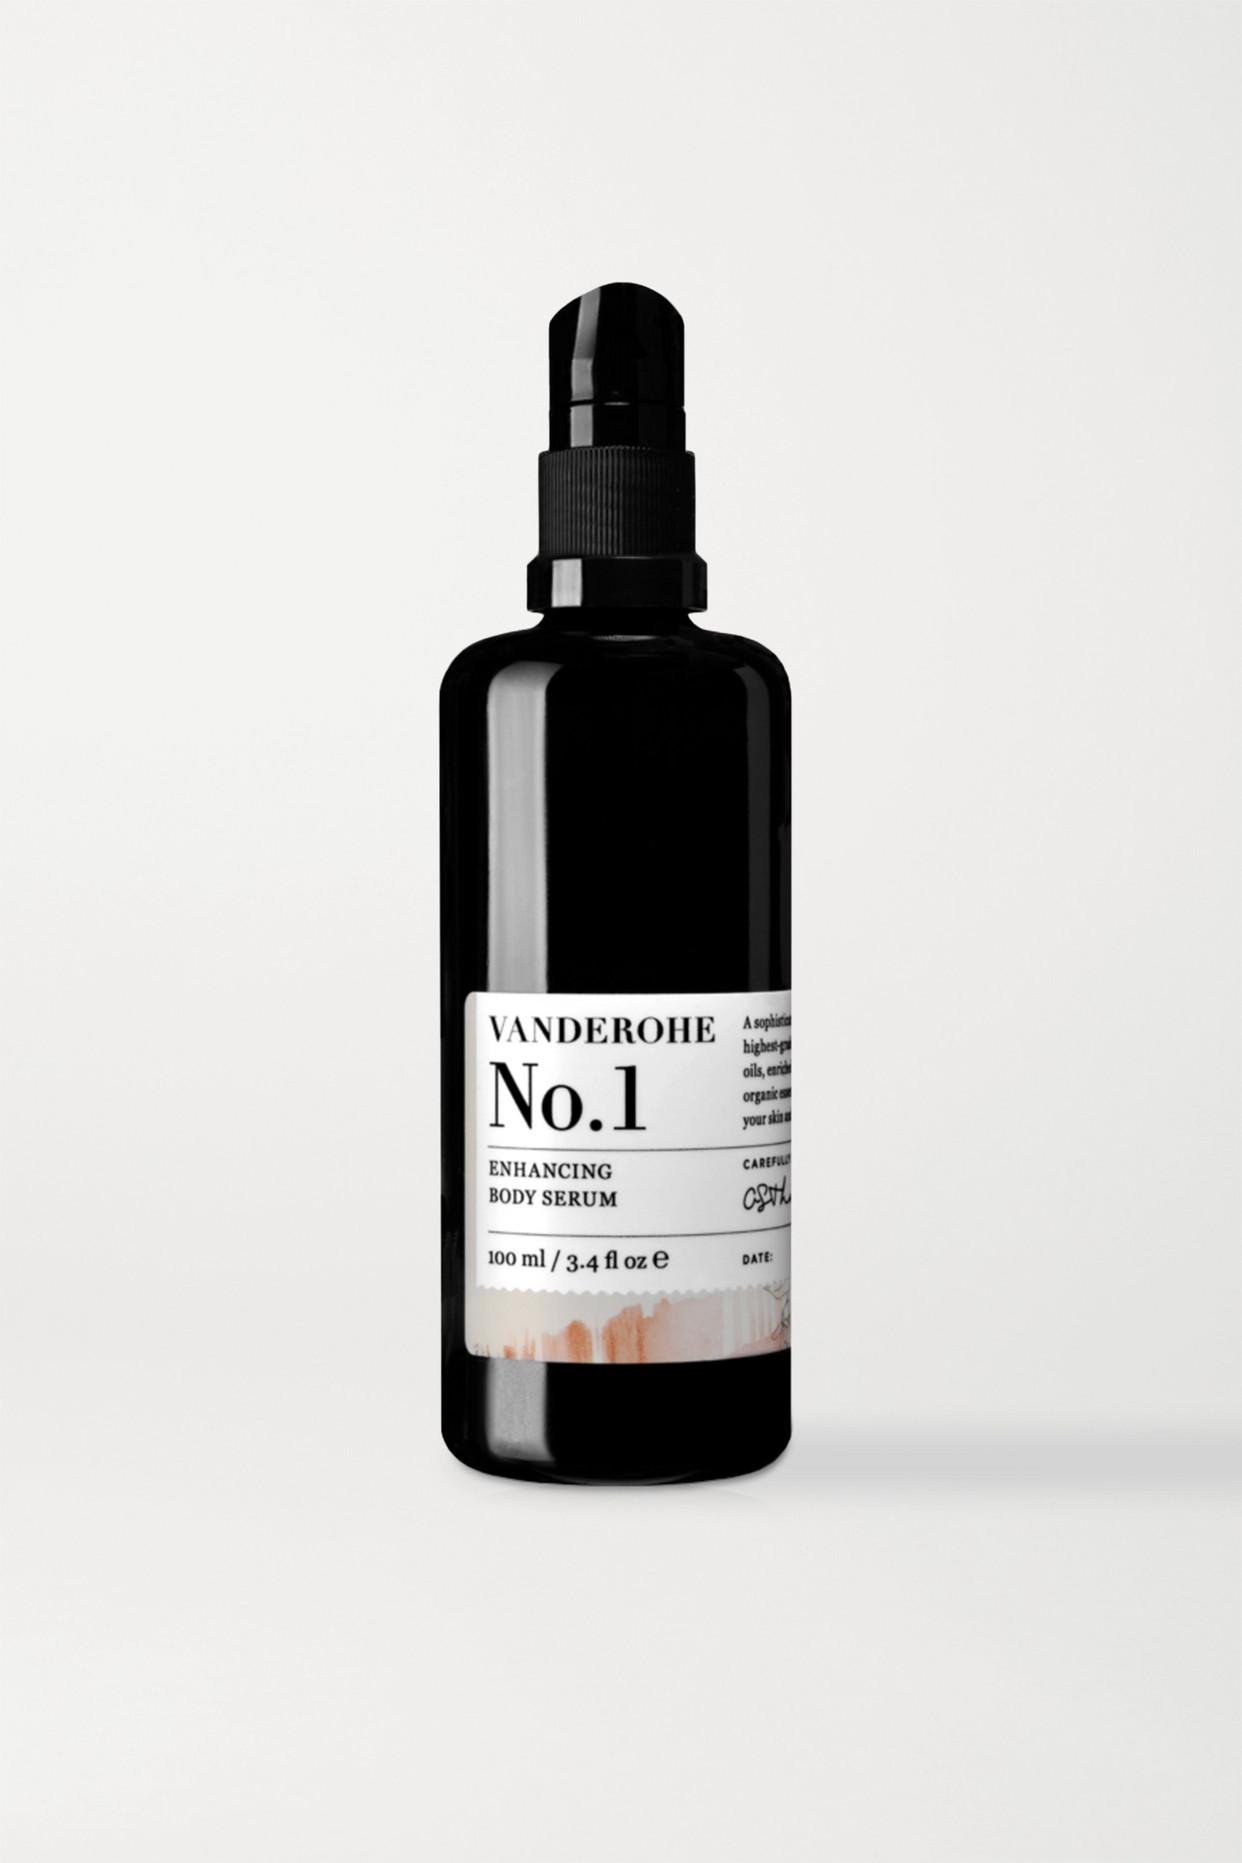 VANDEROHE - No.1 Enhancing Body Serum, 100ml - one size